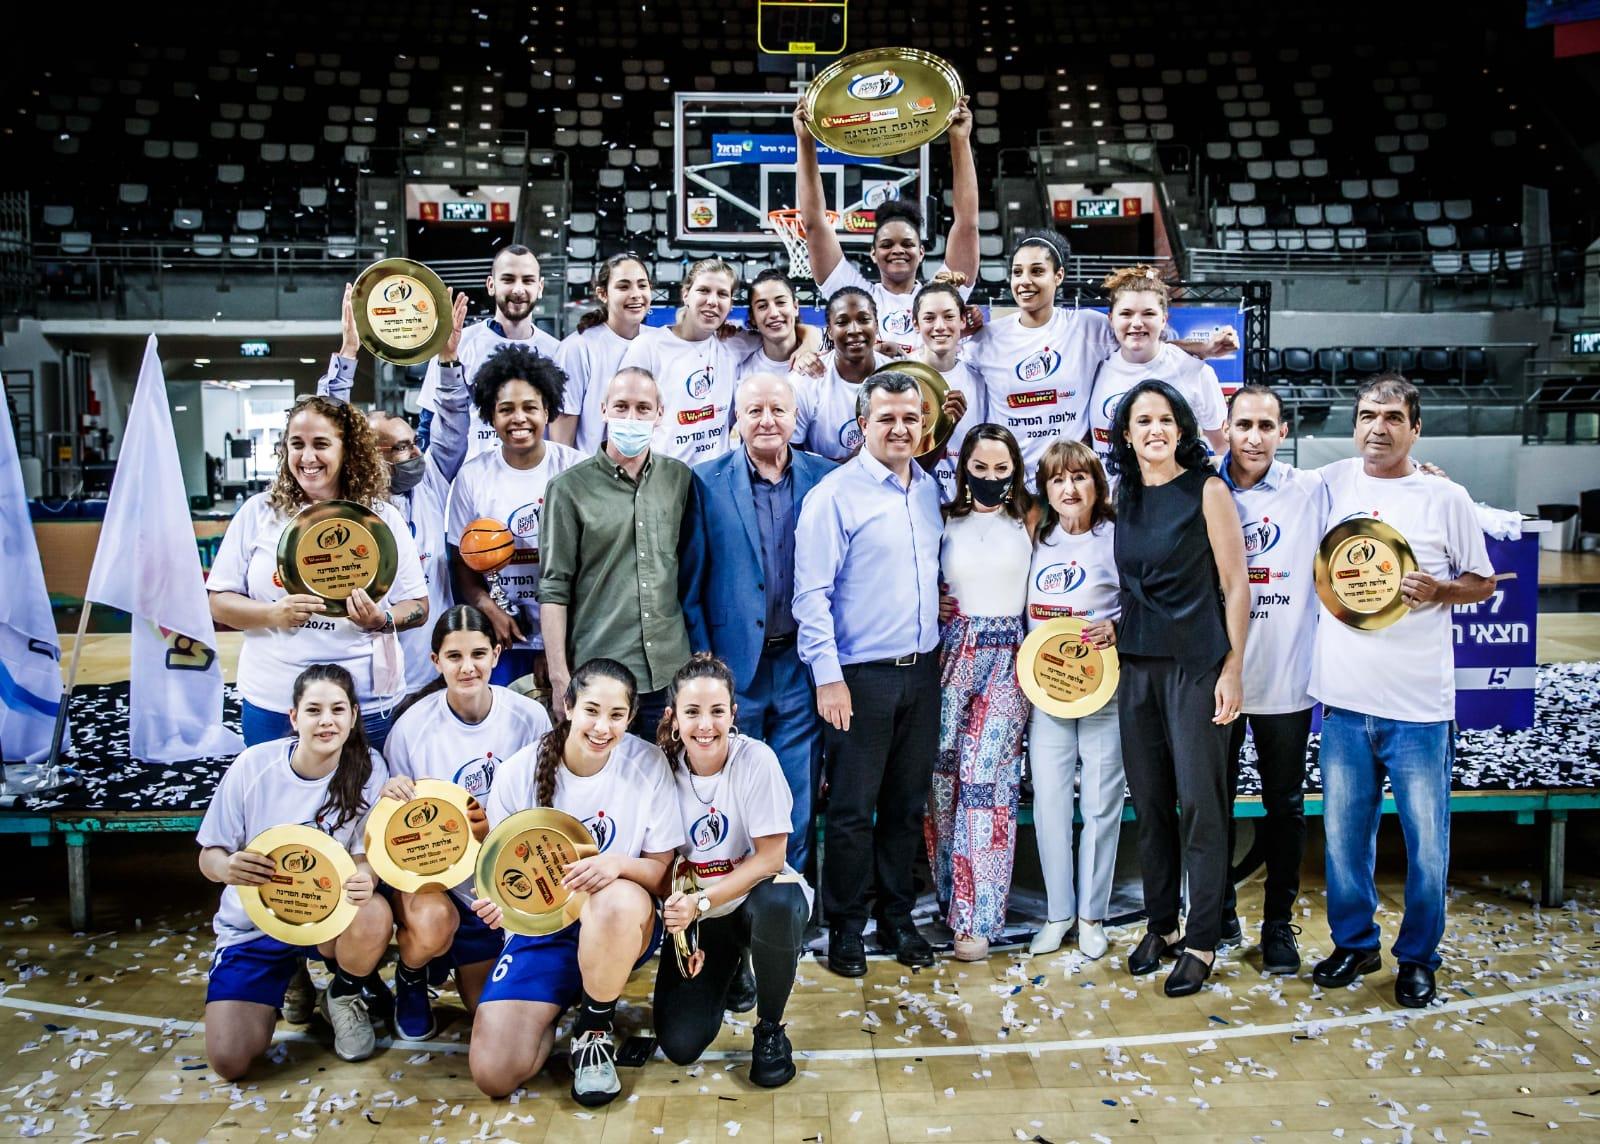 שחקניות מכבי רמת גן בכדורסל